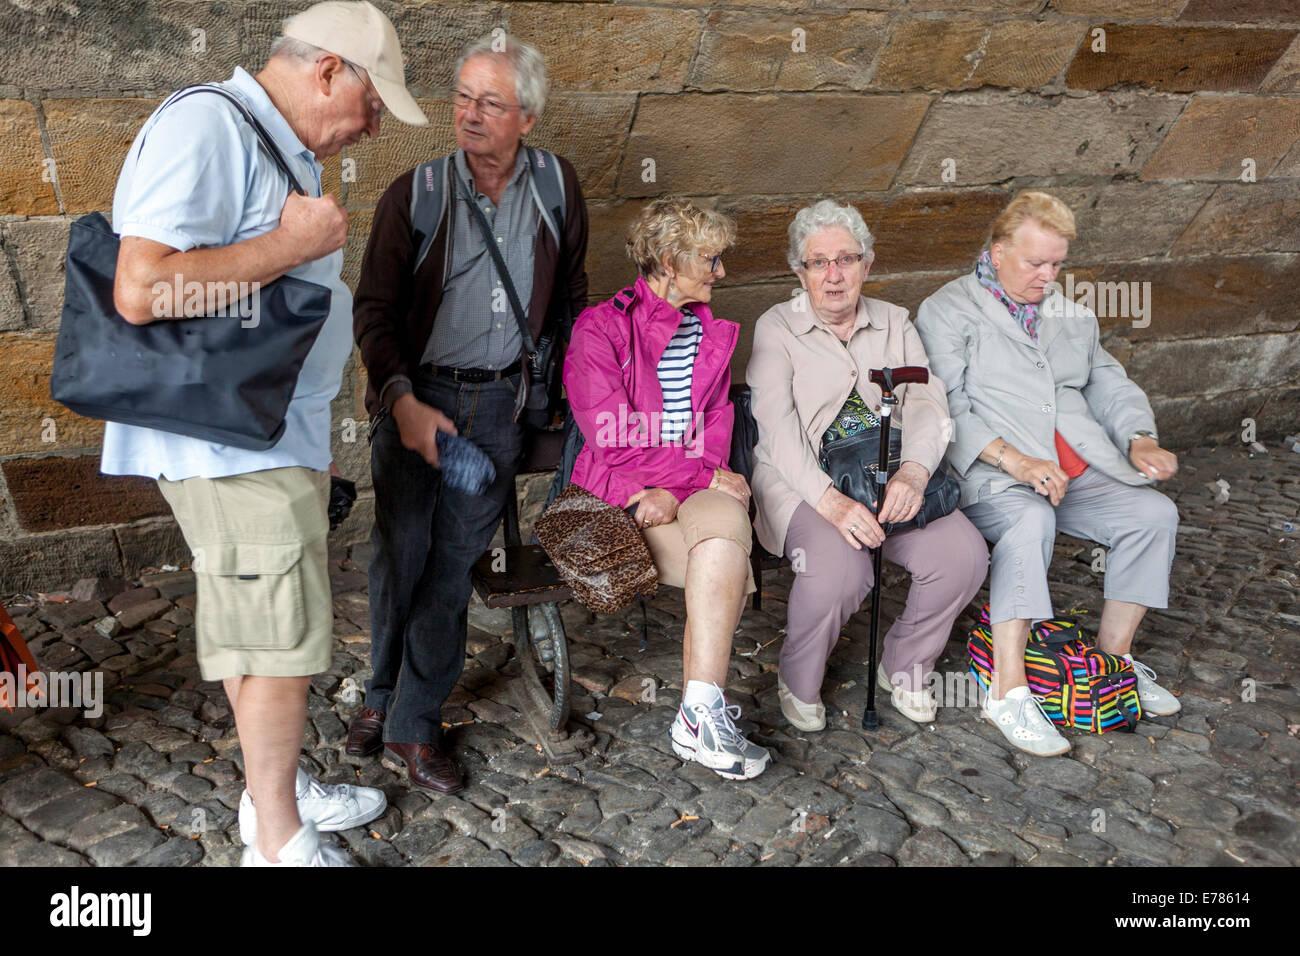 Personnes âgées touristes fatigués, relaxation, les retraités sur le banc sous le pont Charles, Photo Stock